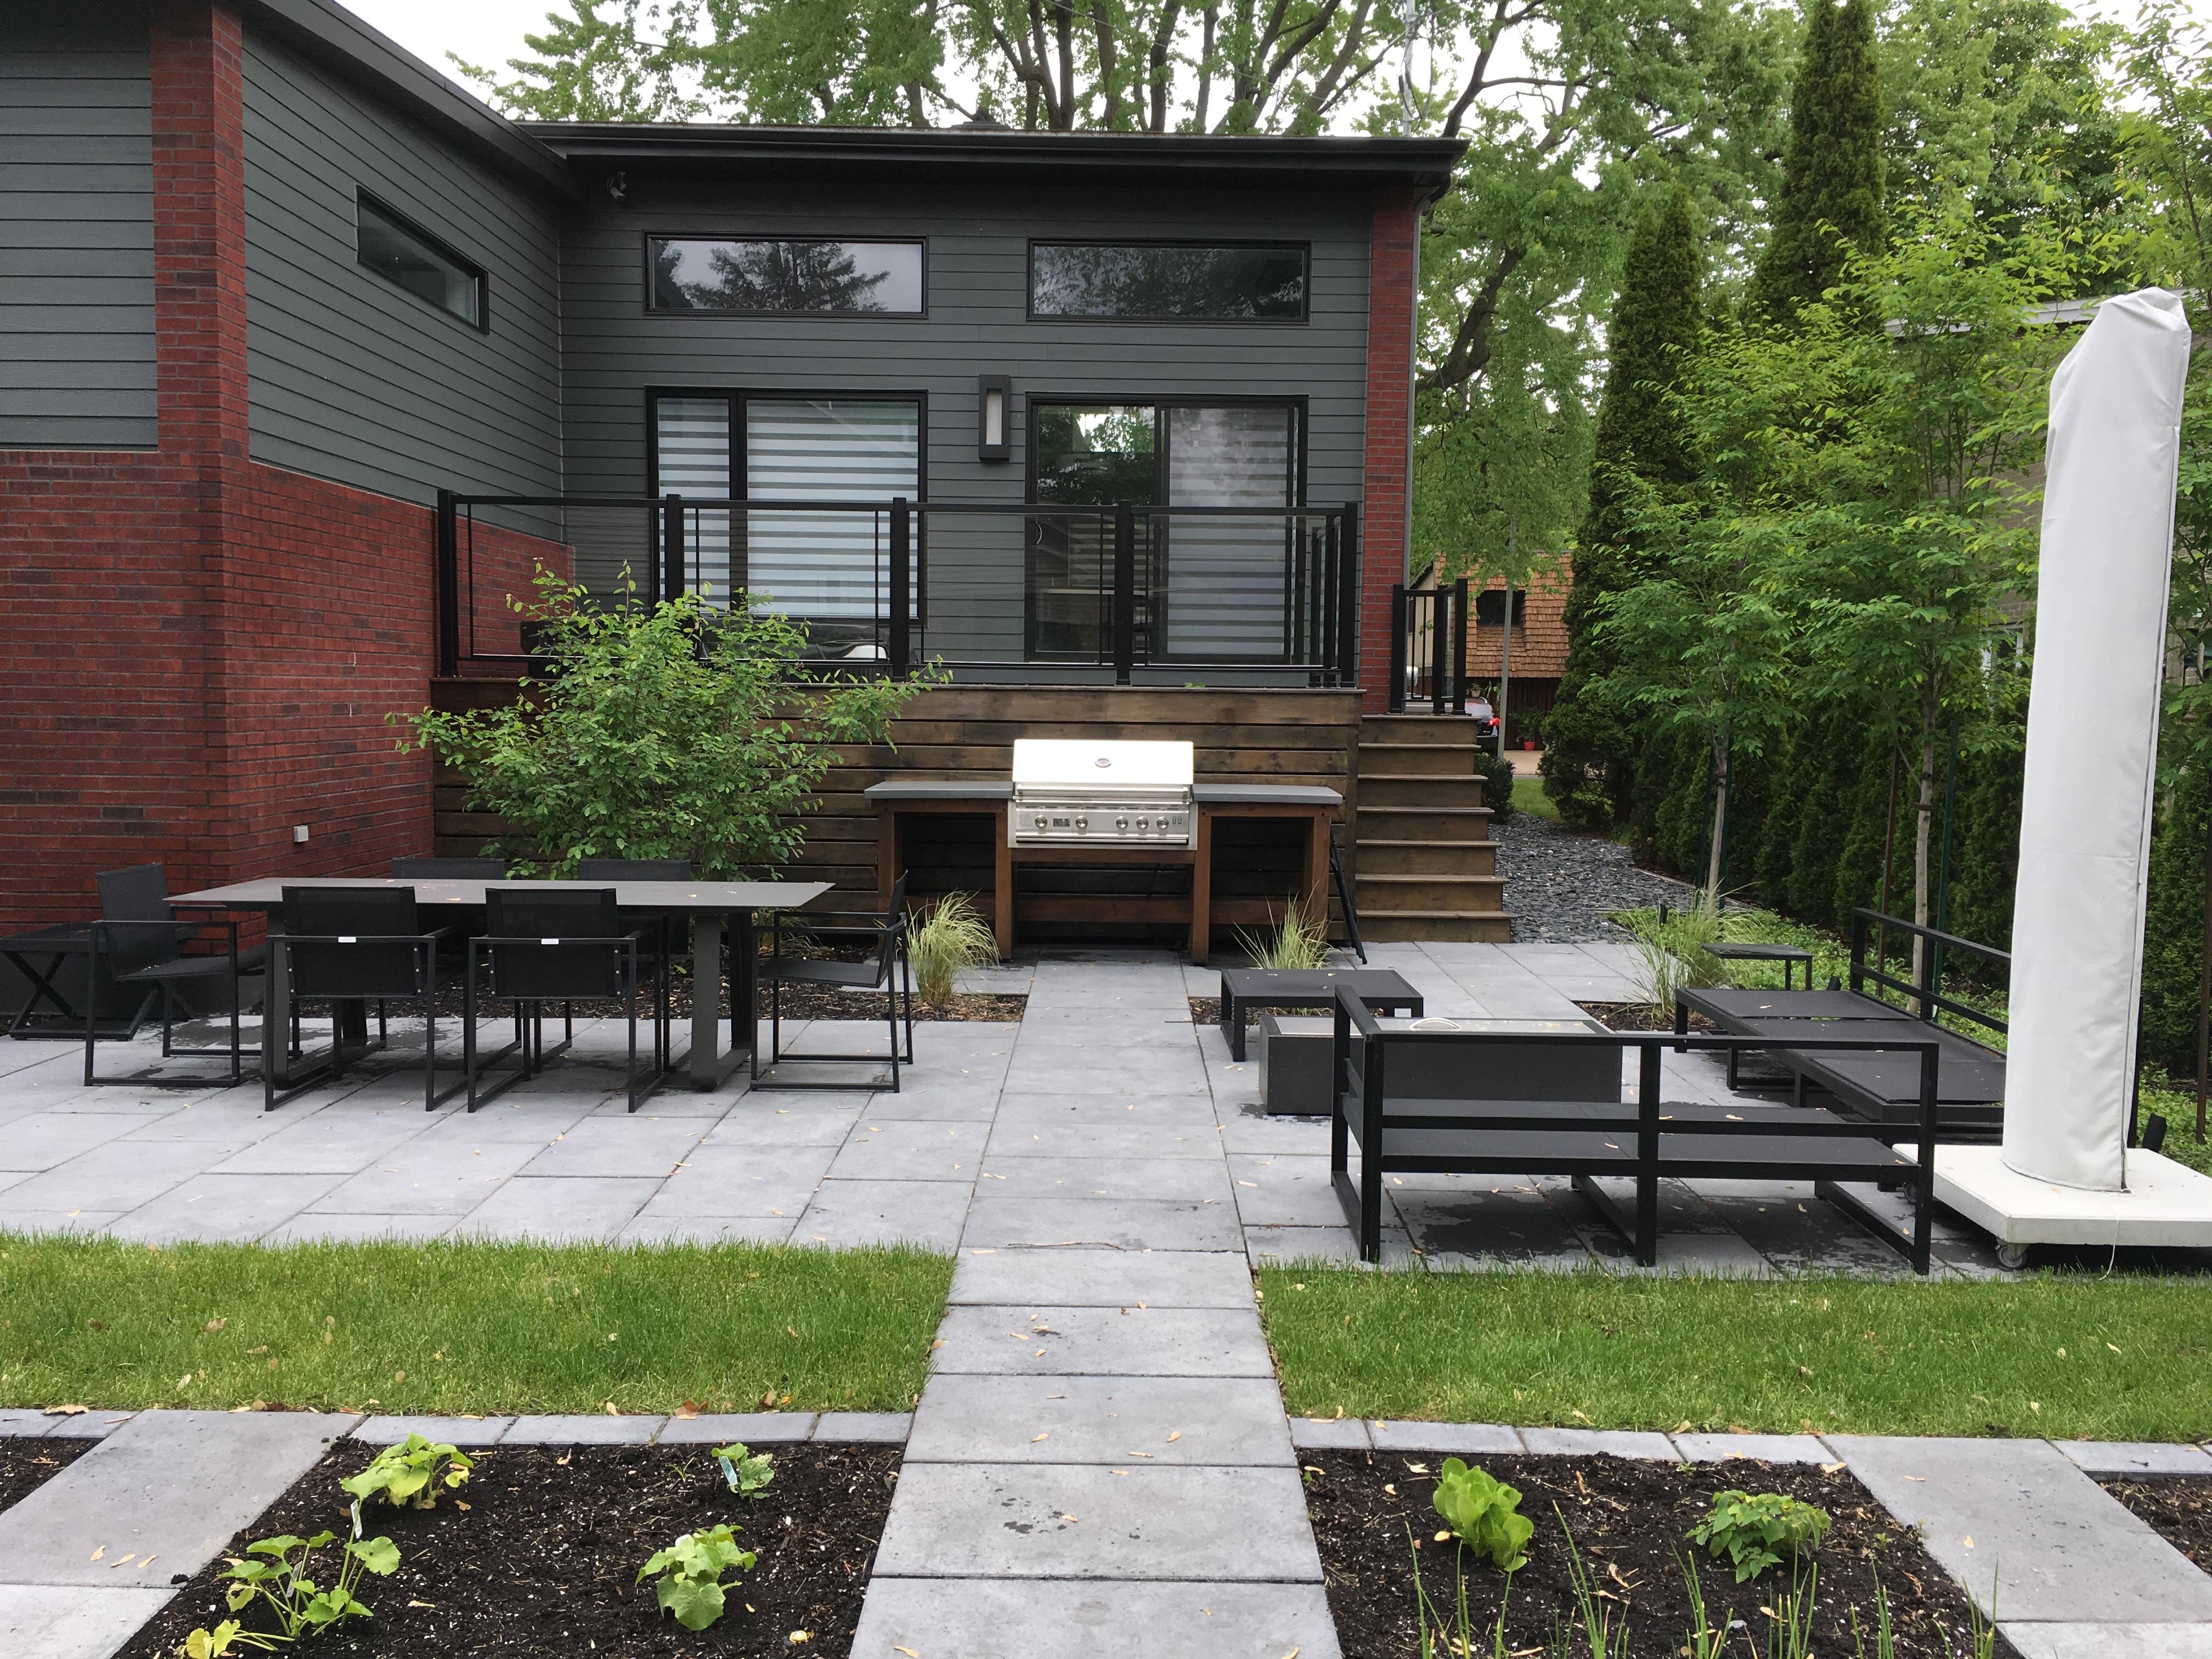 jardins-piniere-terrasse-pave-multifonctionnelle-coin-repas-coin-feu-cuisine-exterieure